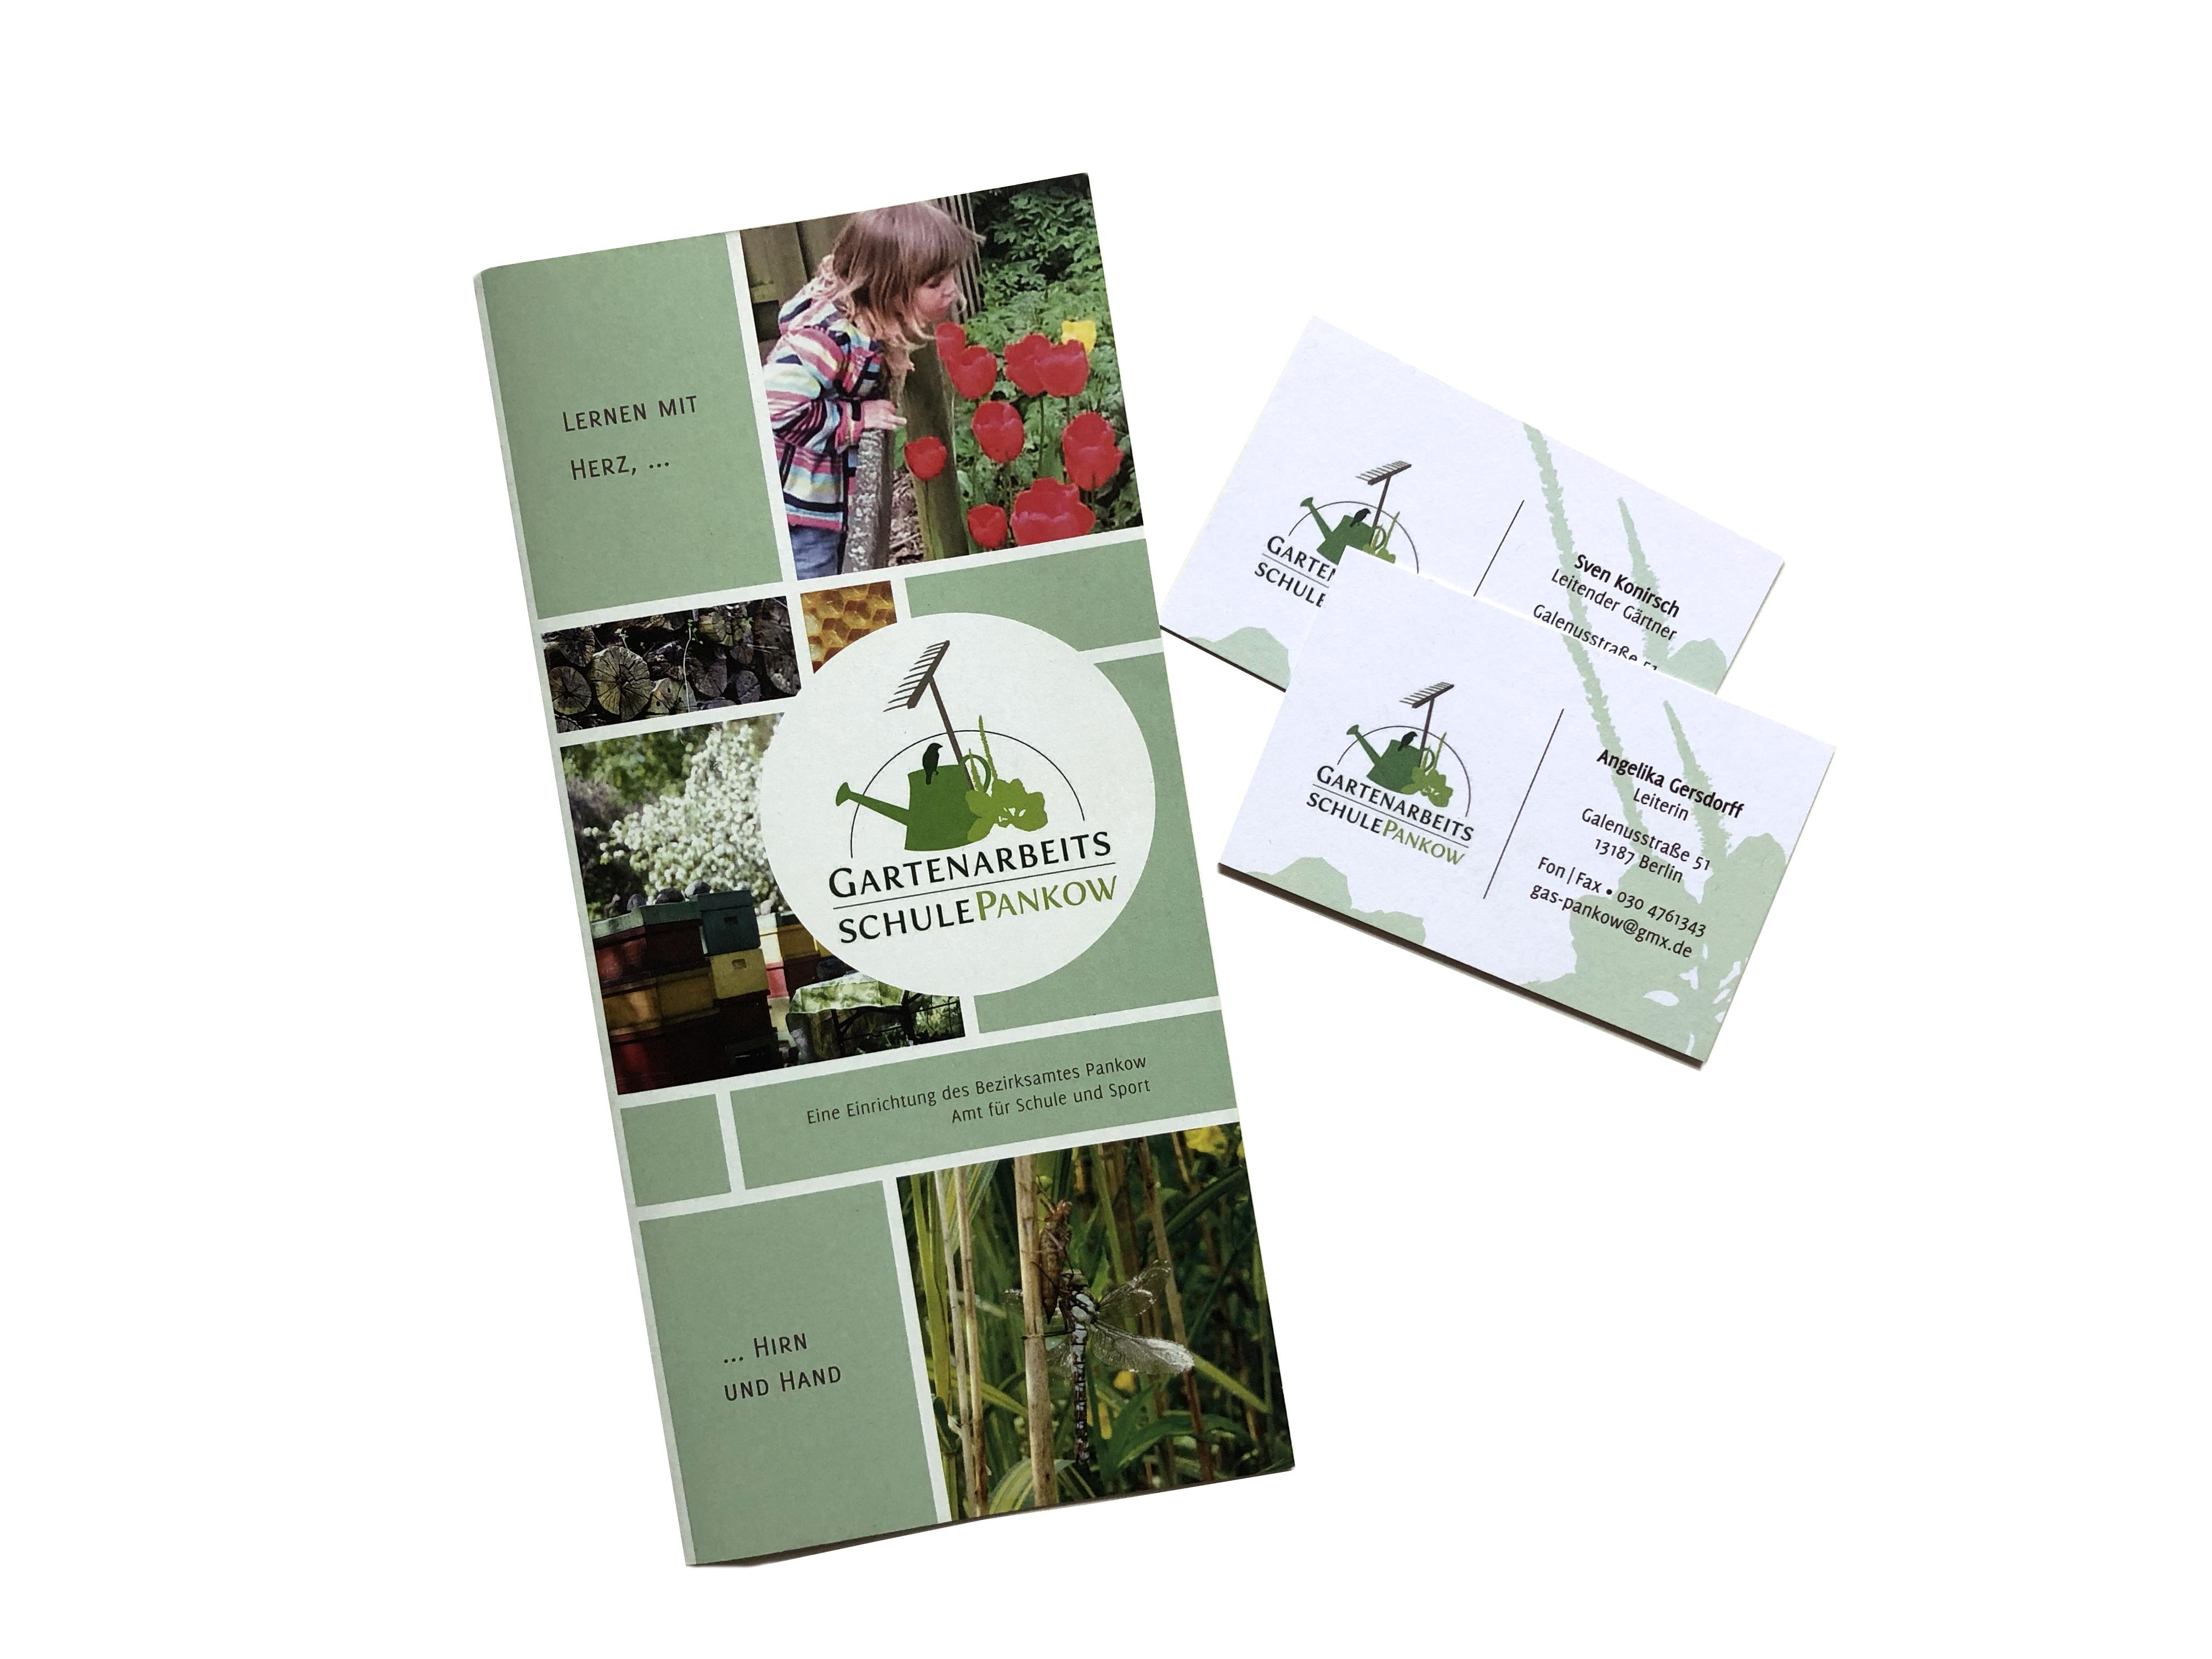 Gartenarbeitsschule Pankow: Flyer & Visitenkarten